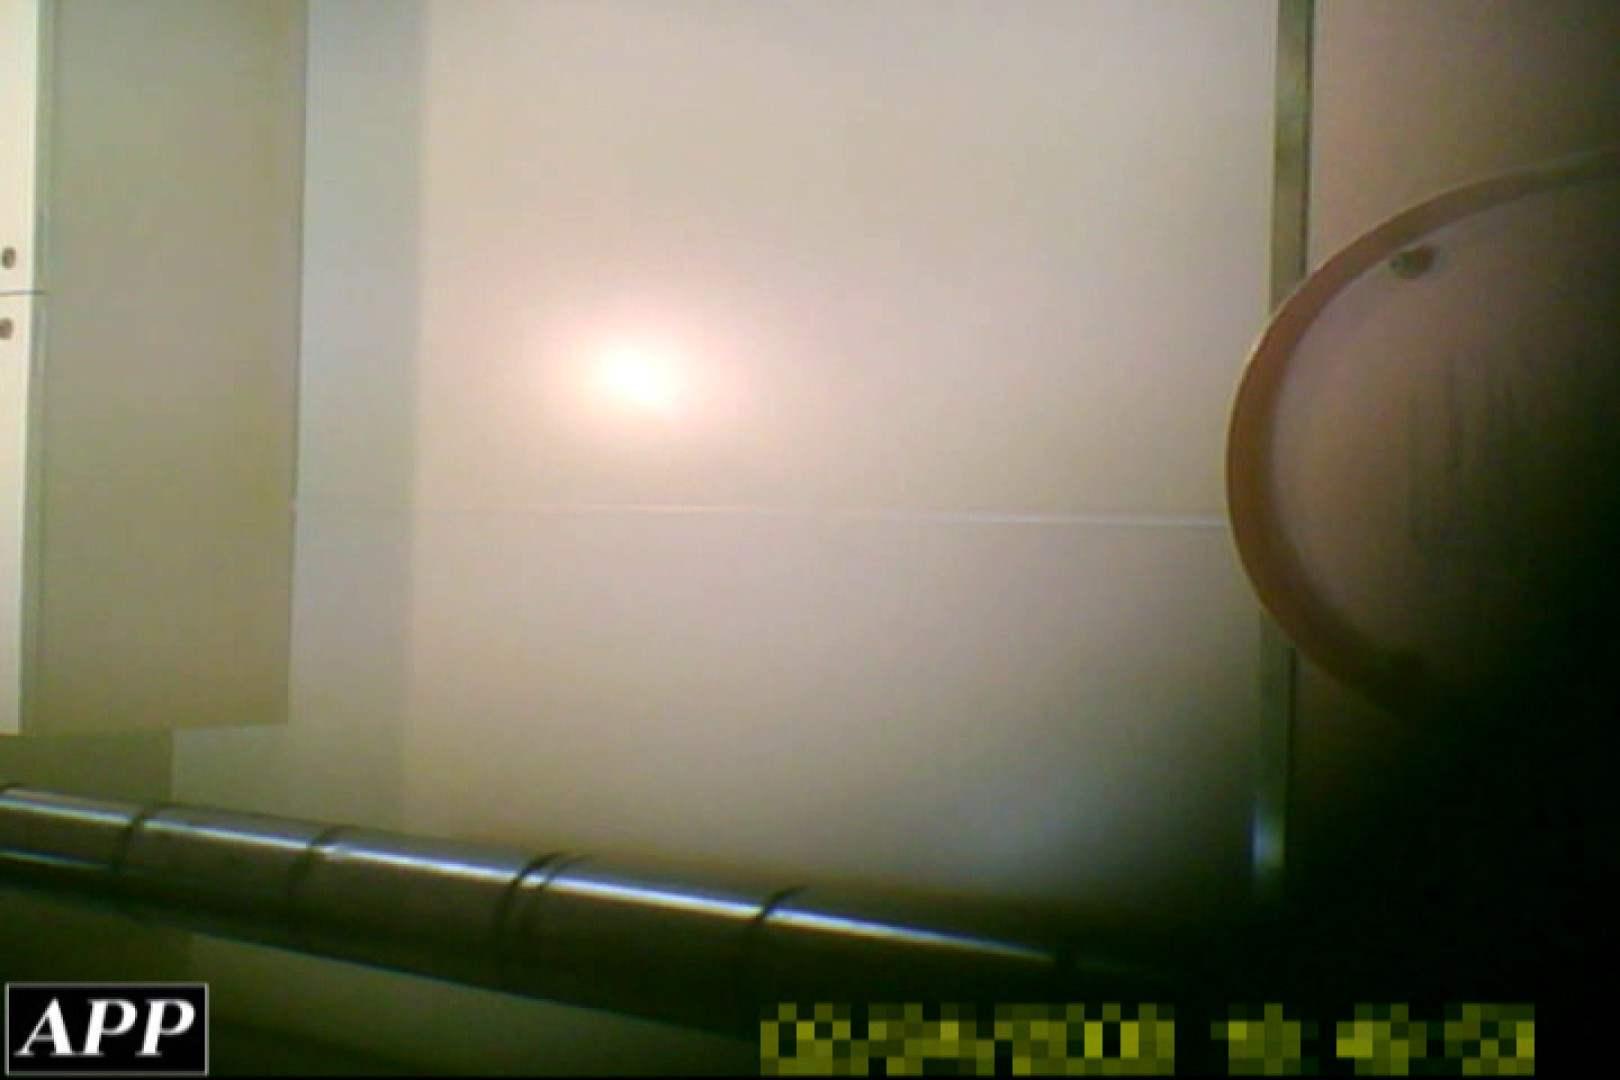 3視点洗面所 vol.001 いやらしいOL エロ画像 65連発 23